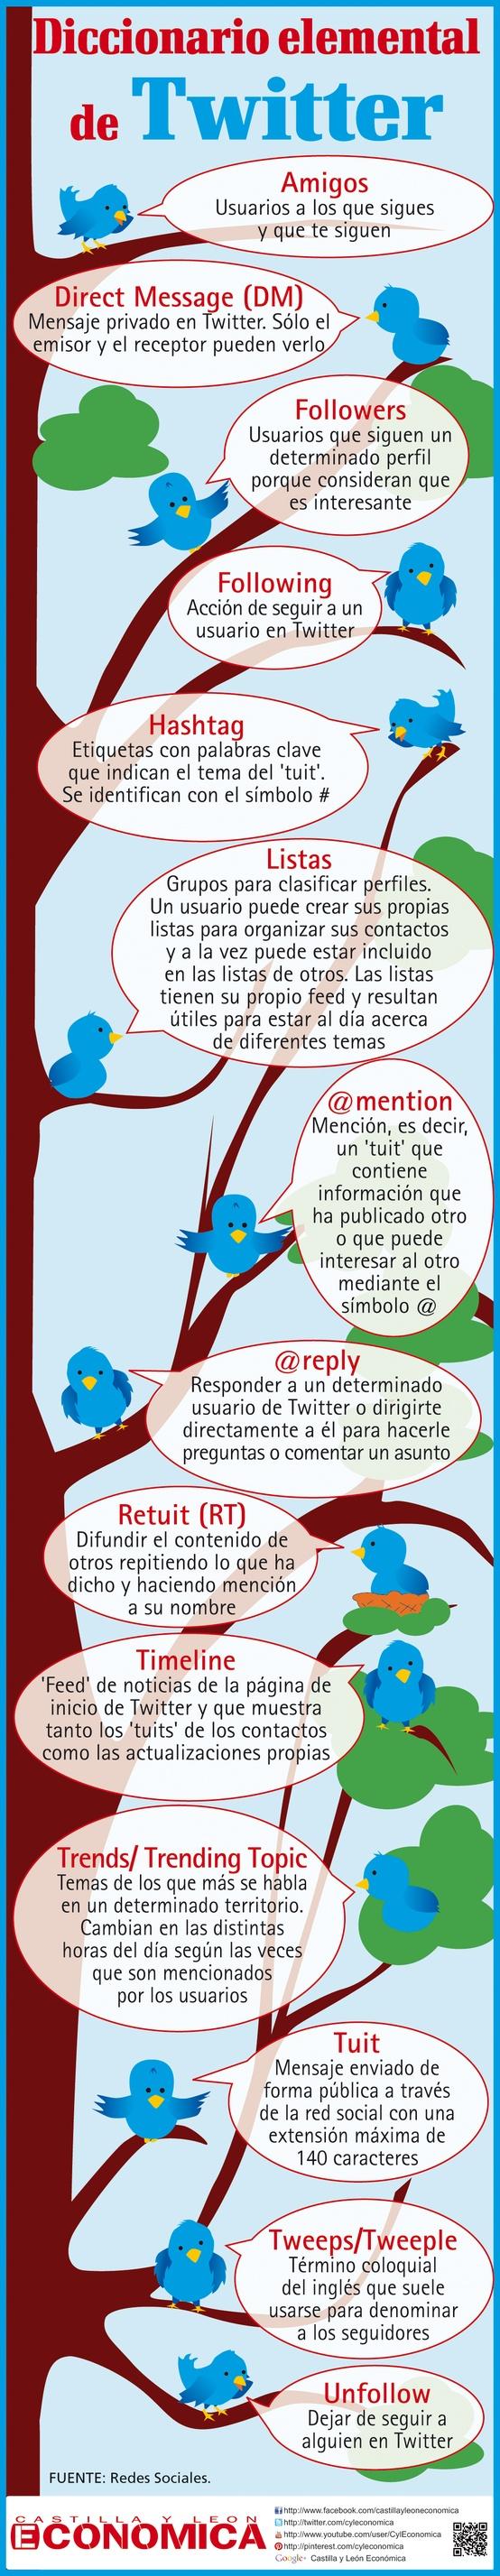 XXTwitter para principiantes,significado de todos los terminos #infografia